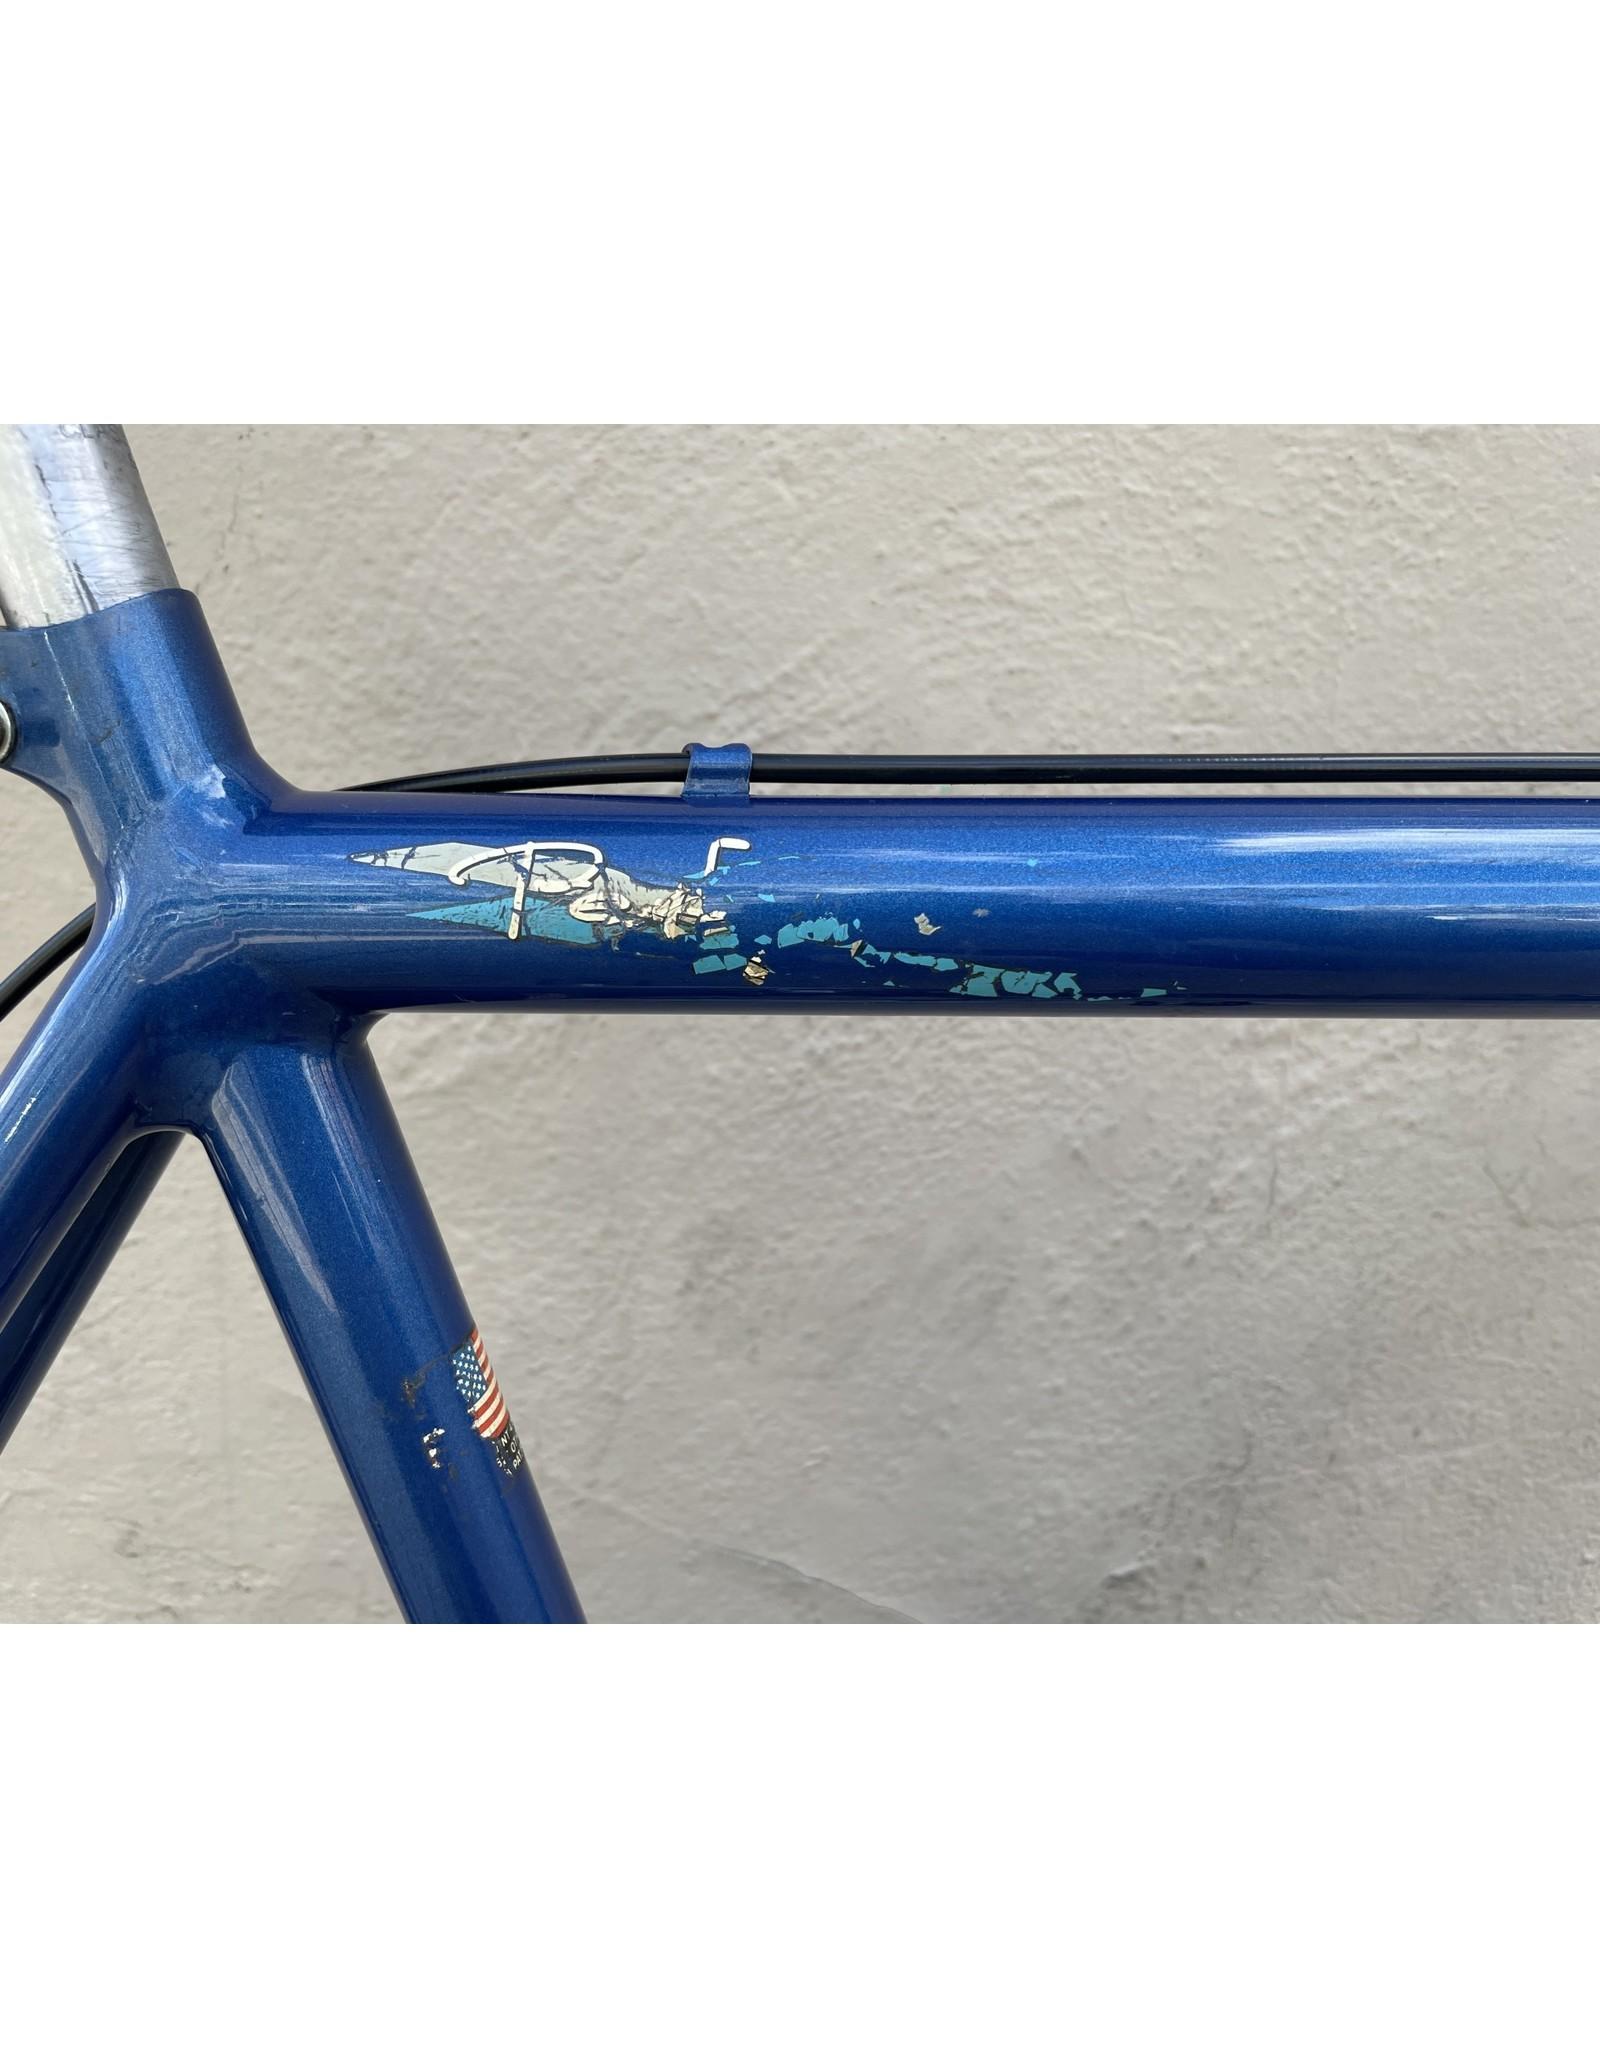 Klein Klein Performance Vintage Road,  56cm, Blue